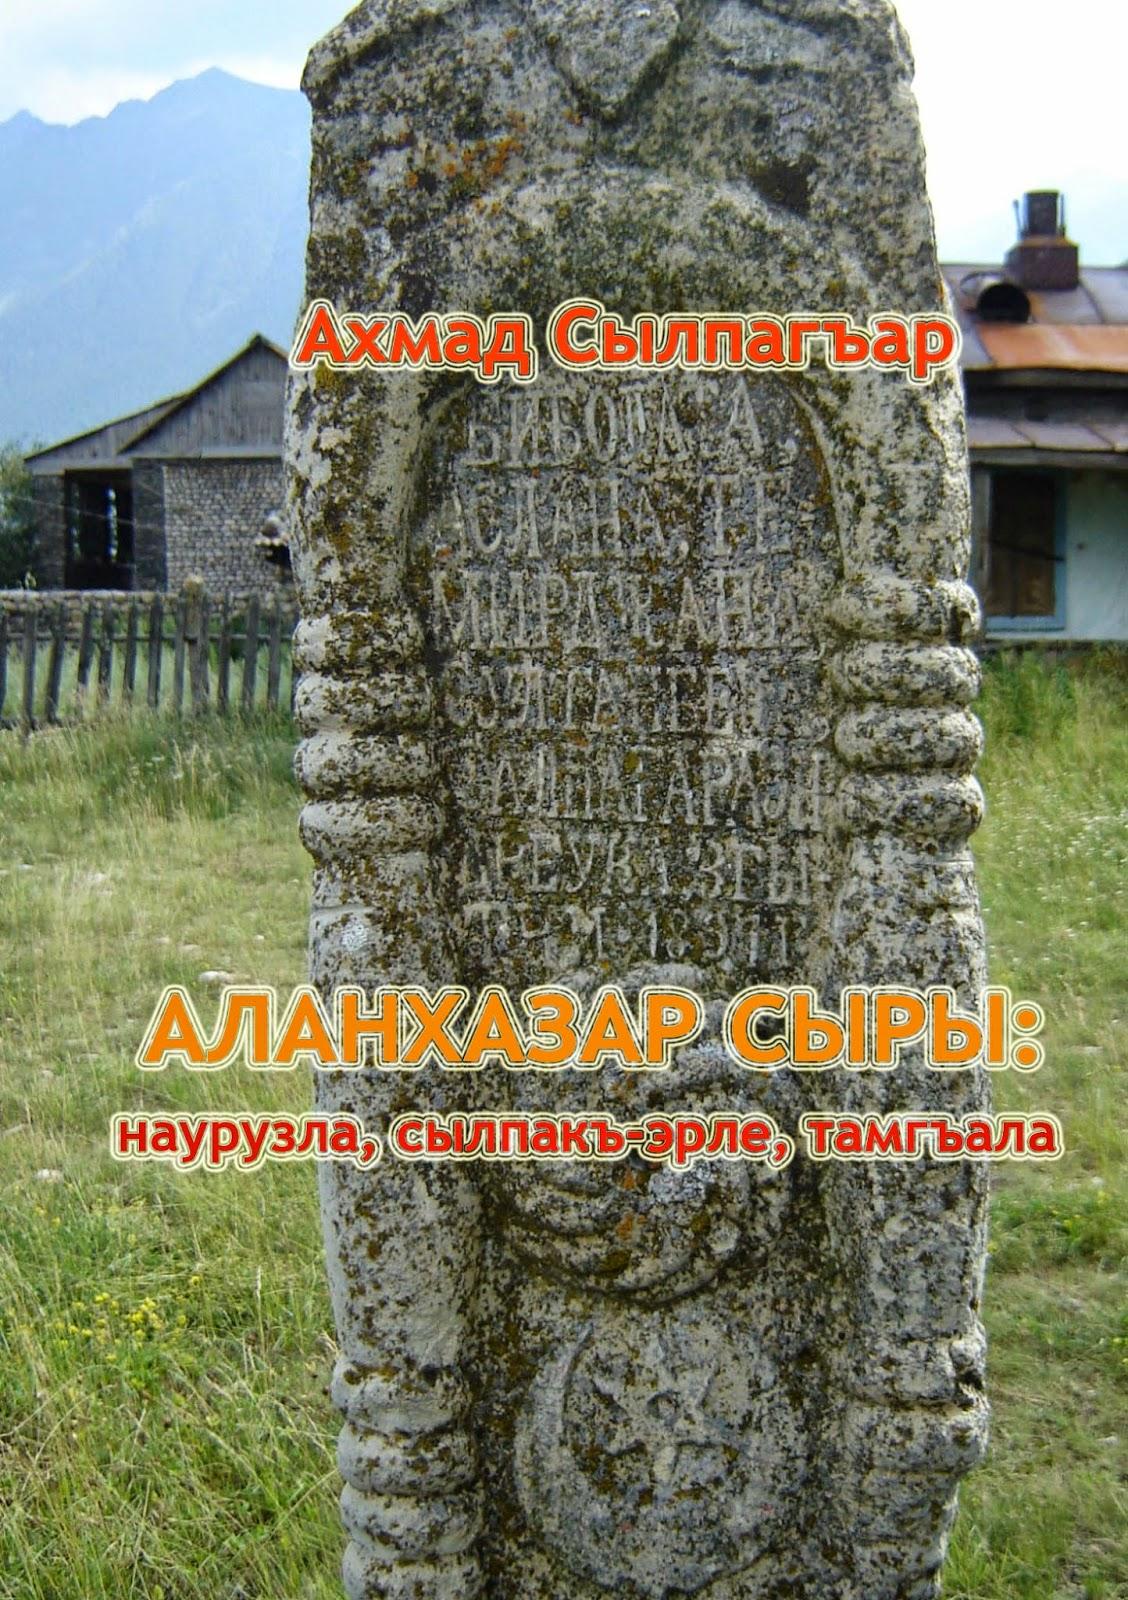 аланская история, карачаево-балкарская история, карачаево-балкарский язык, karaçay balkar tarih